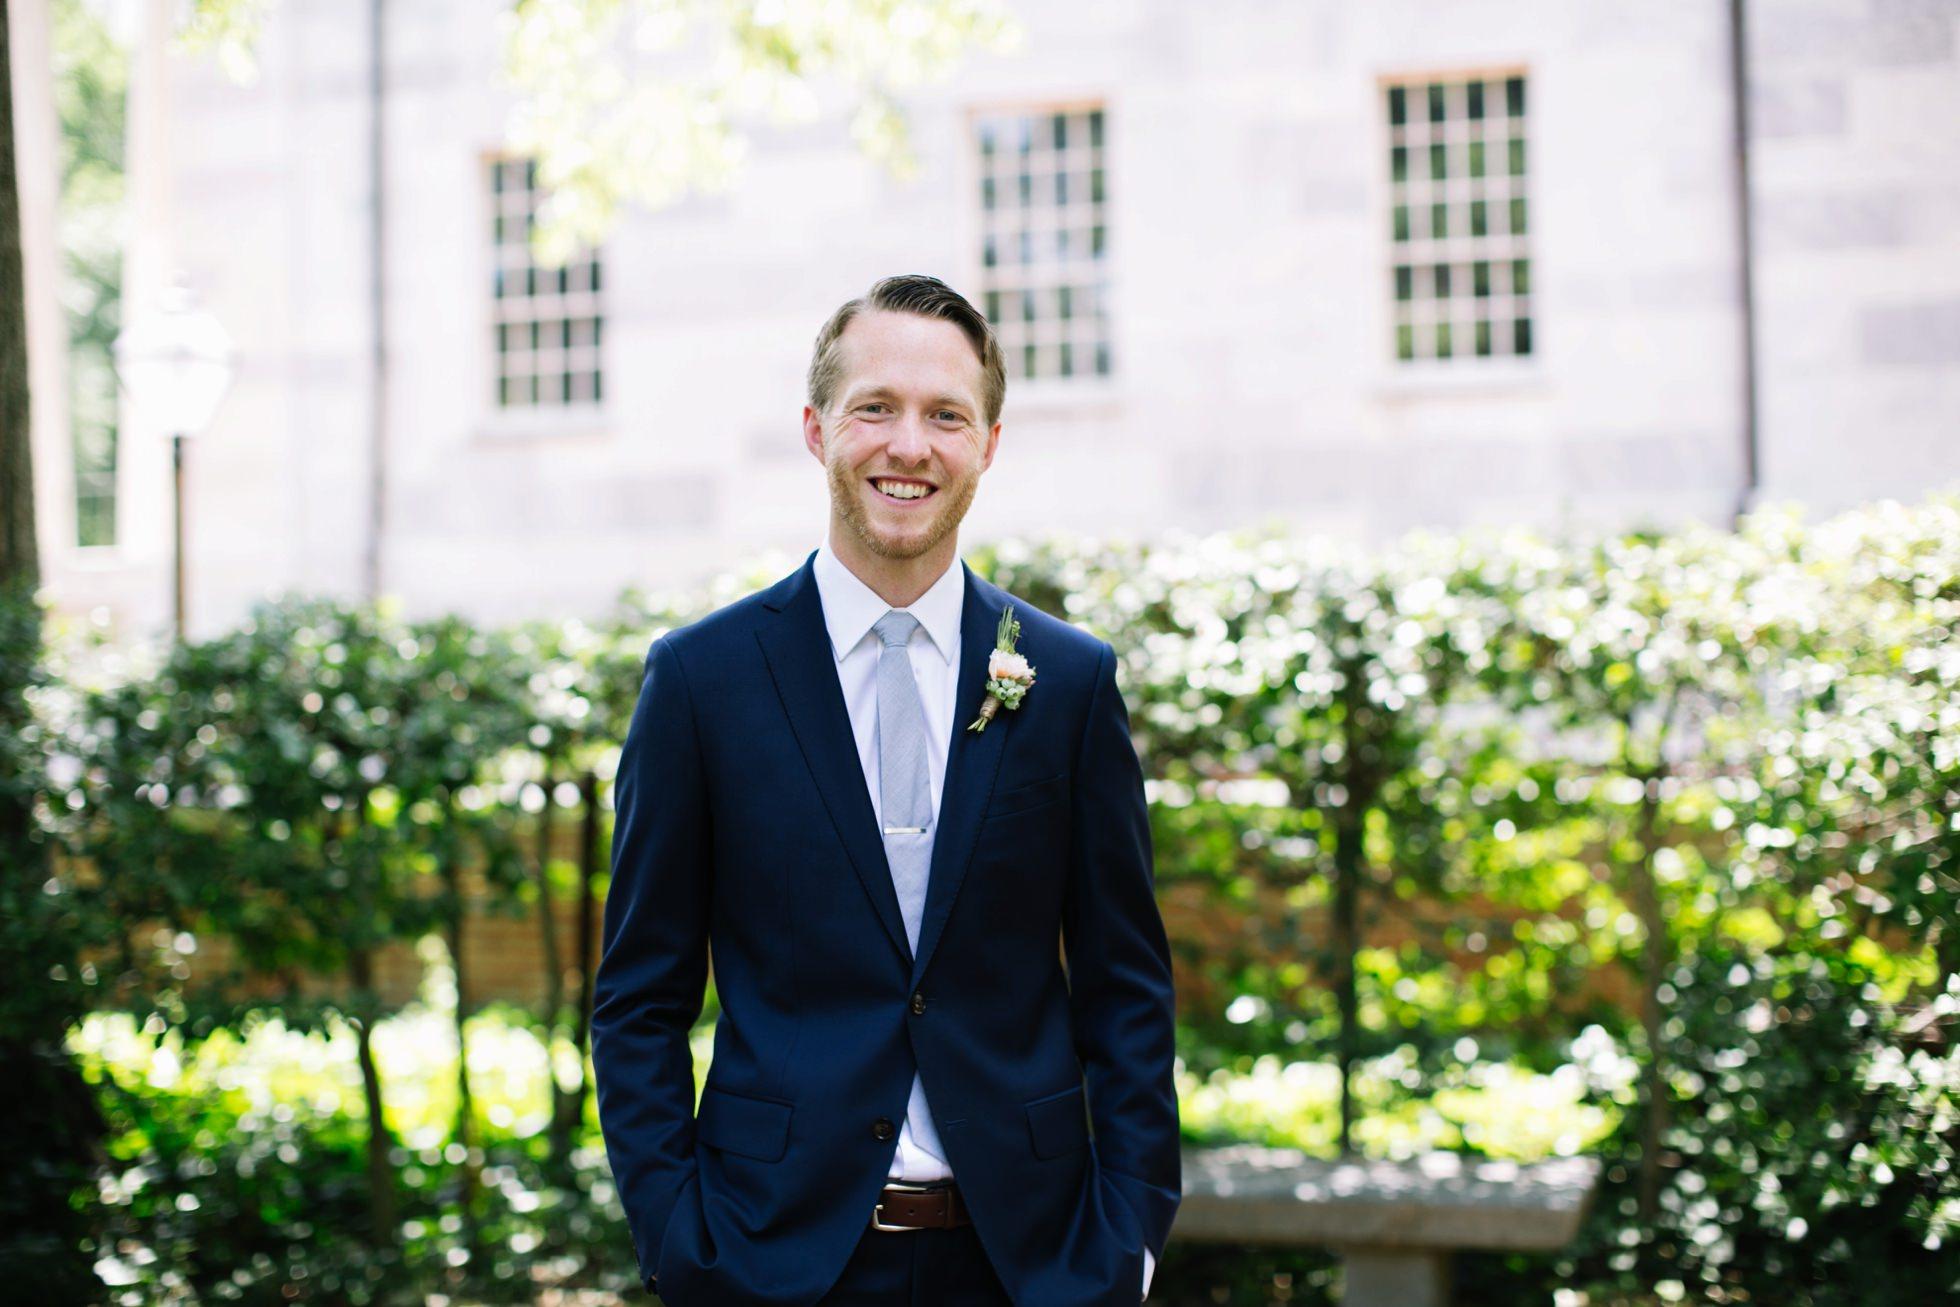 Romantic Bartram's Garden Outdoor Summer Wedding, Philadelphia | brittneyraine.com 039